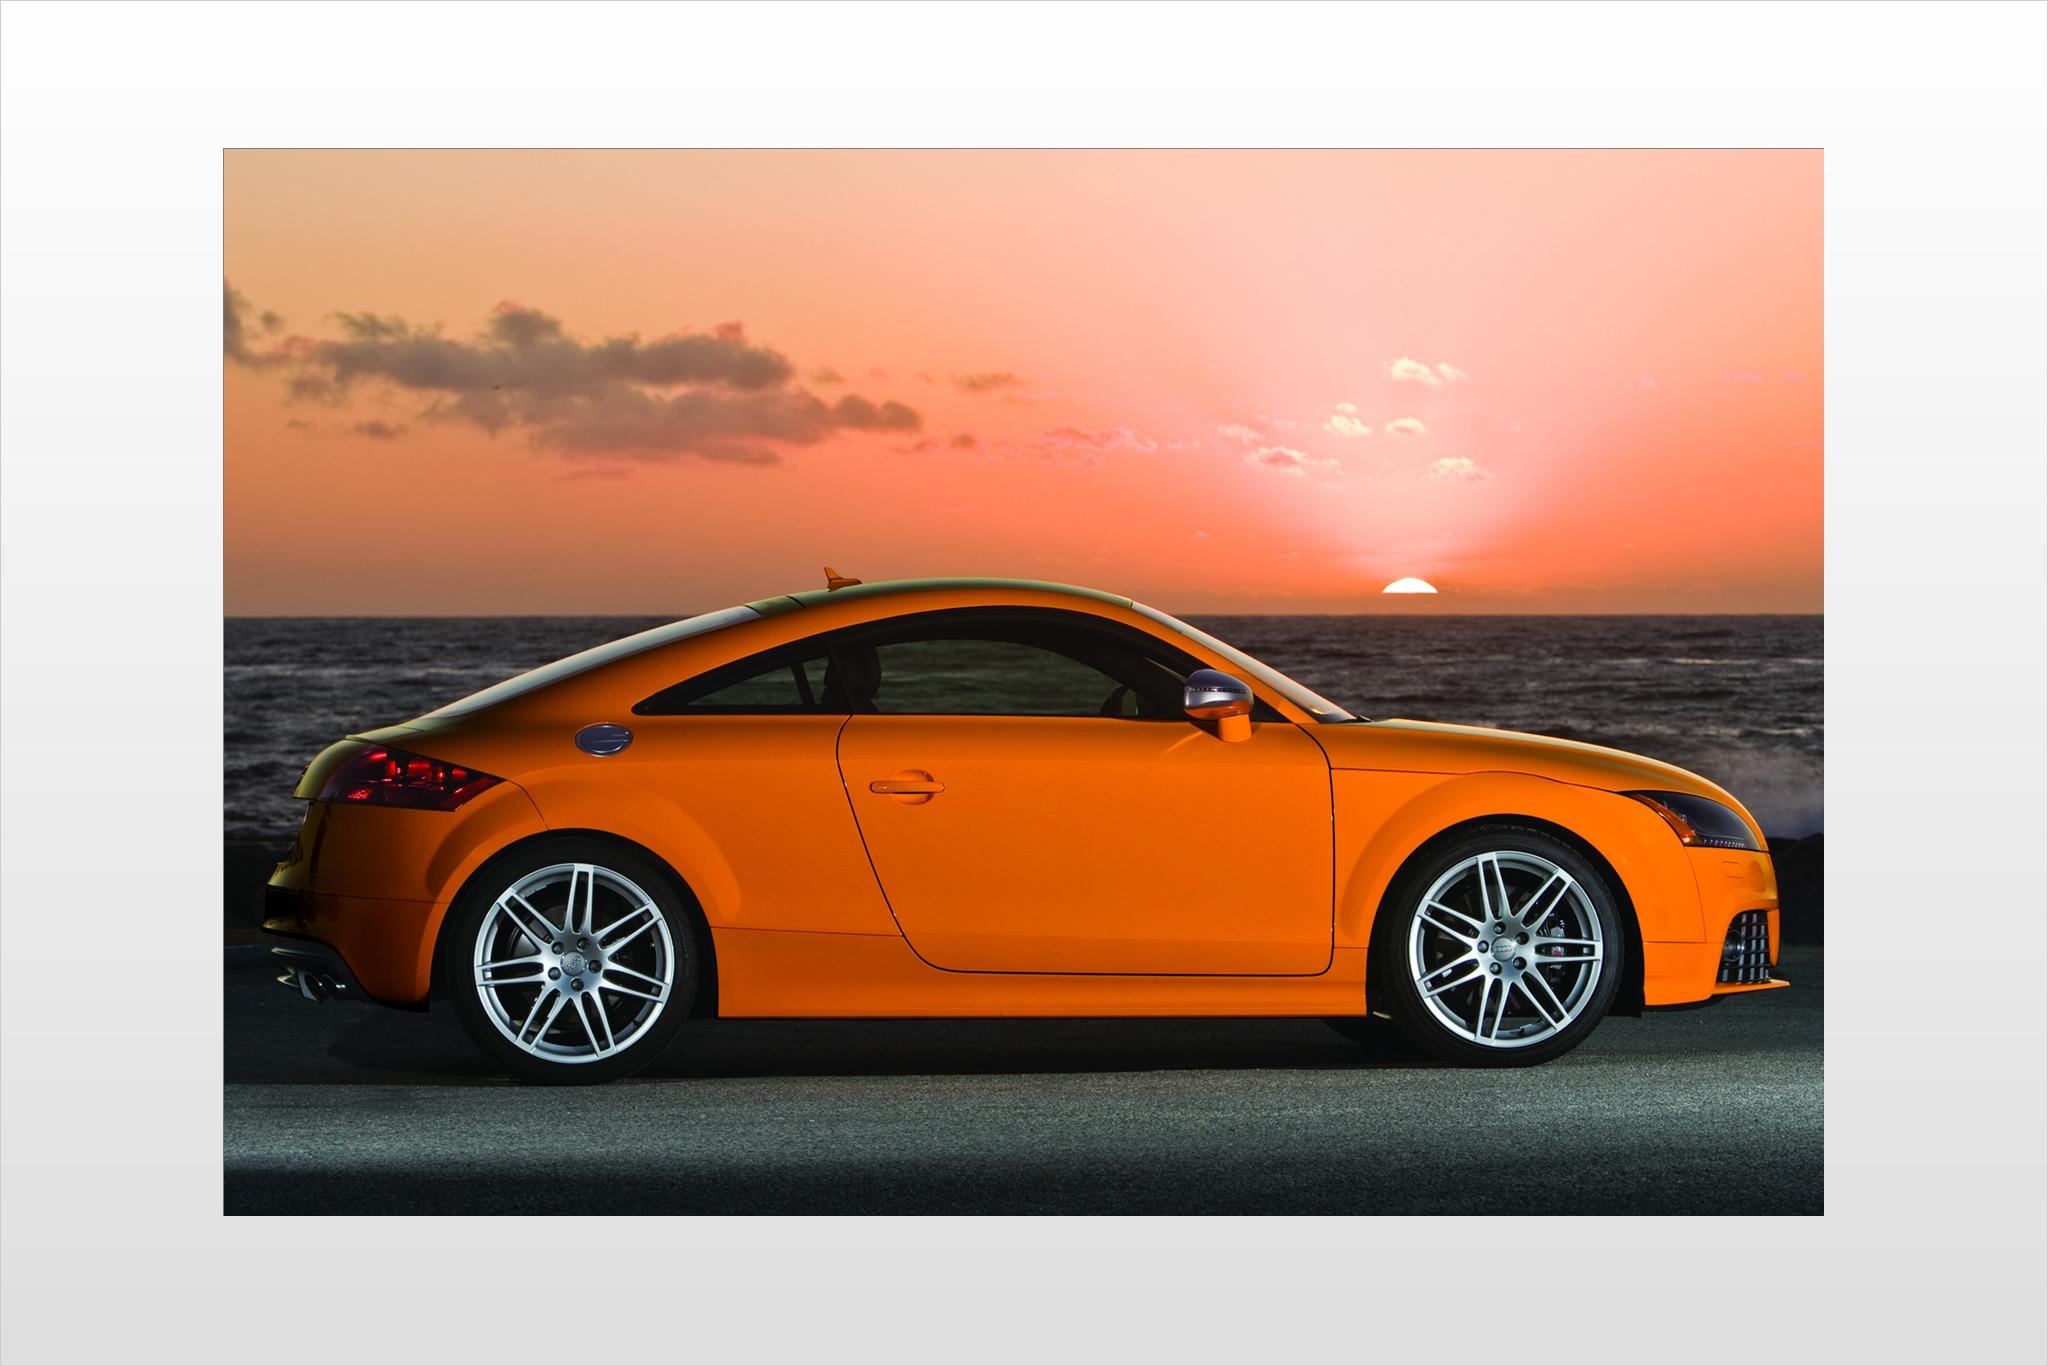 2010 Audi Tts Image 9